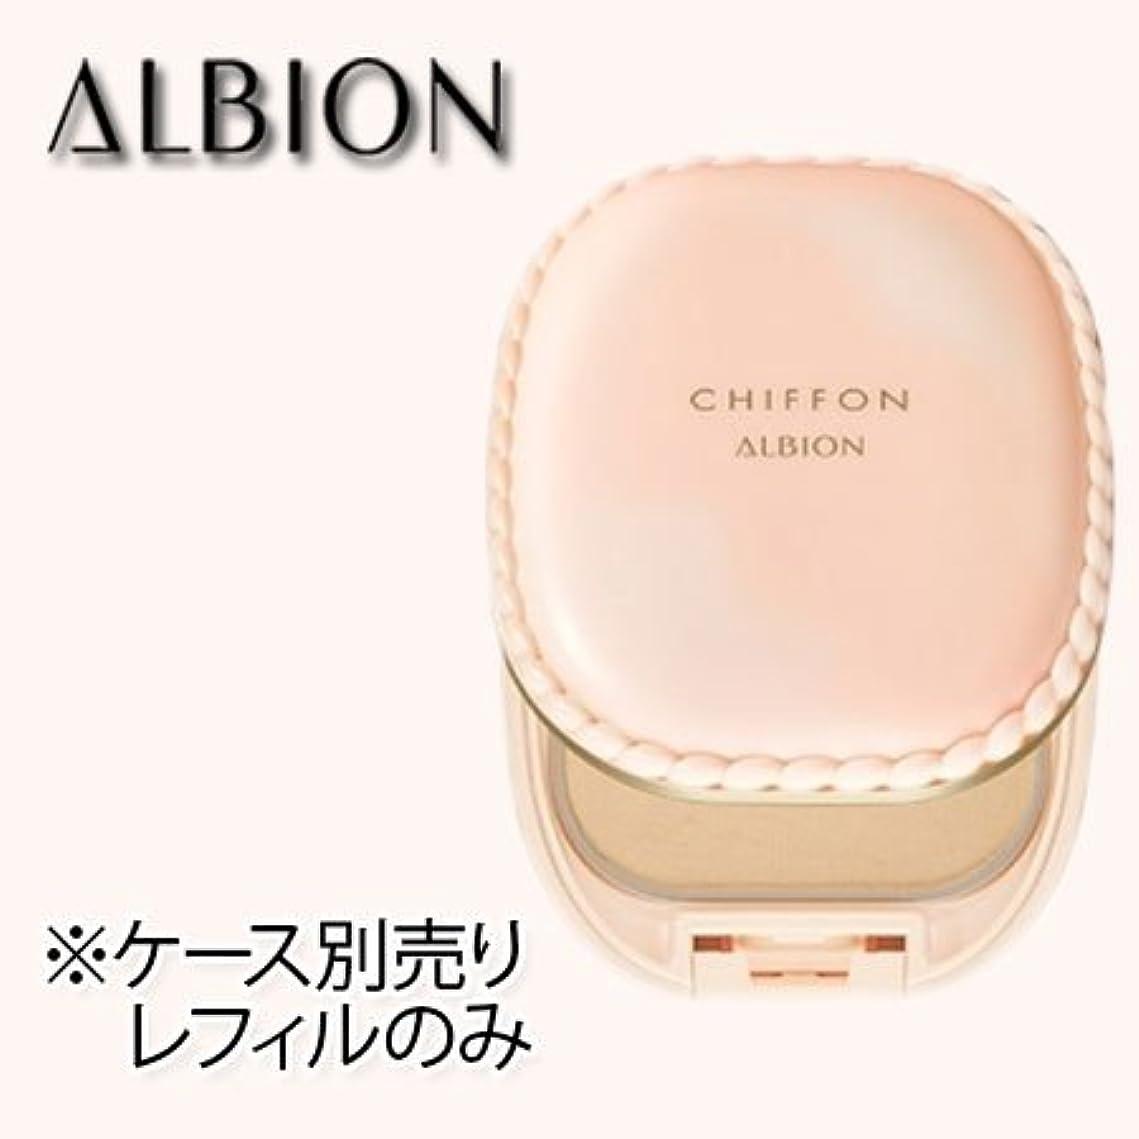 自発前者理解するアルビオン スウィート モイスチュア シフォン (レフィル) 10g 6色 SPF22 PA++-ALBION- 040